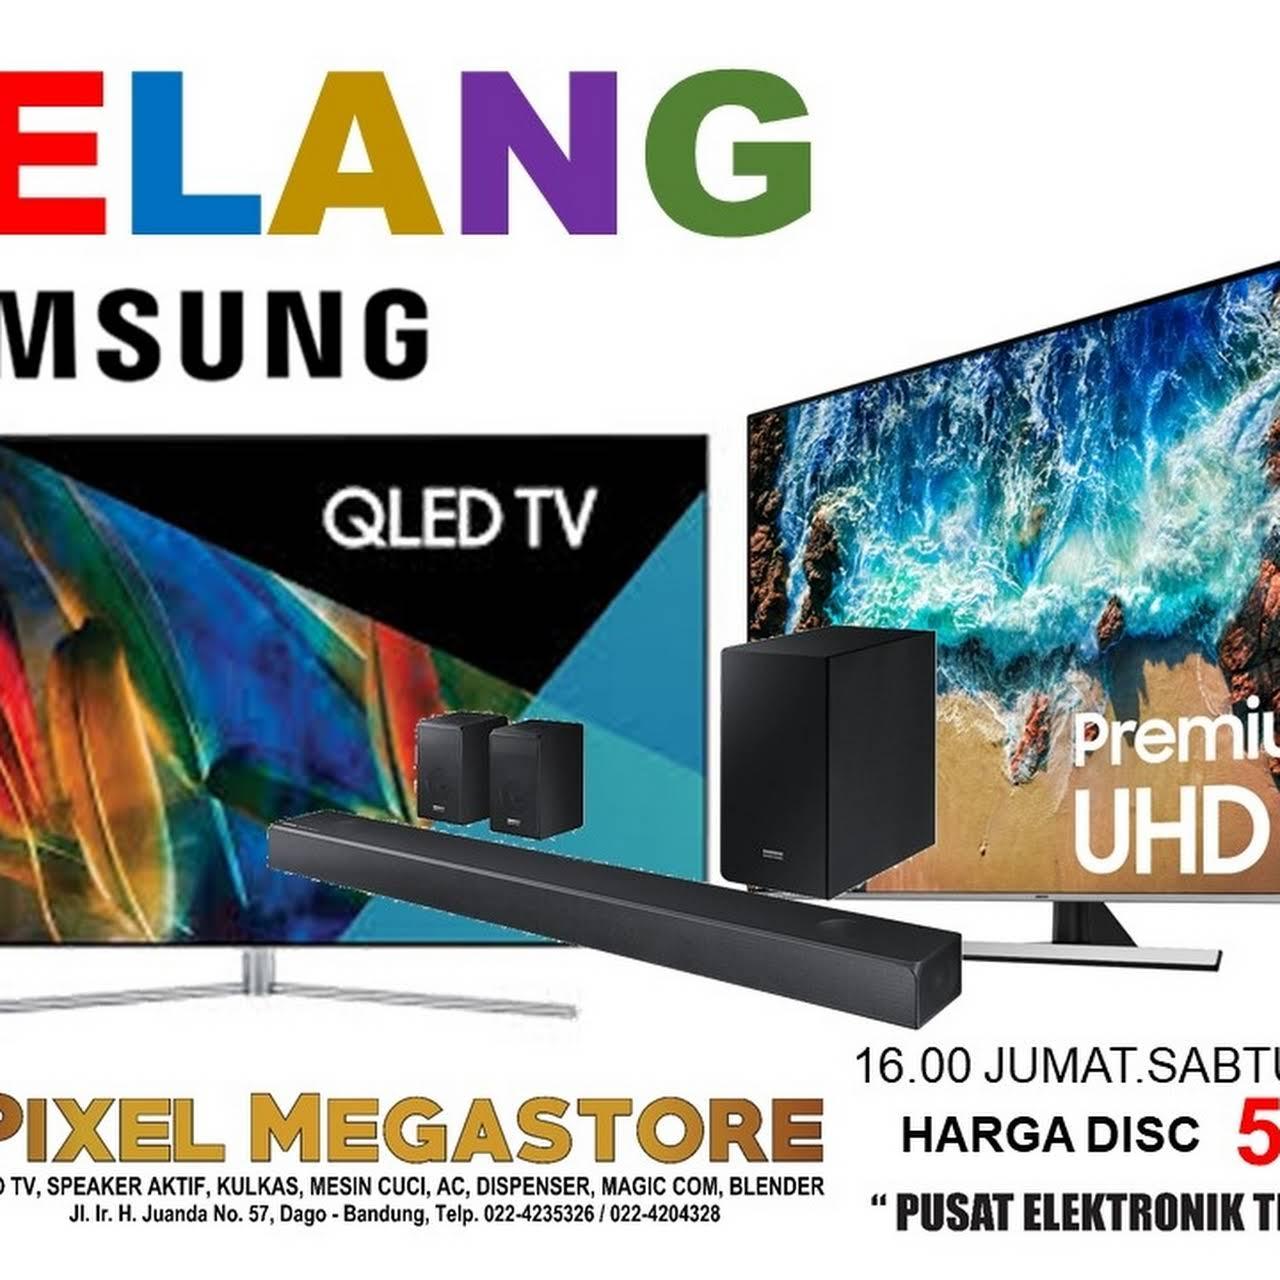 Pixel Megastore Bandung Toko Elektronik